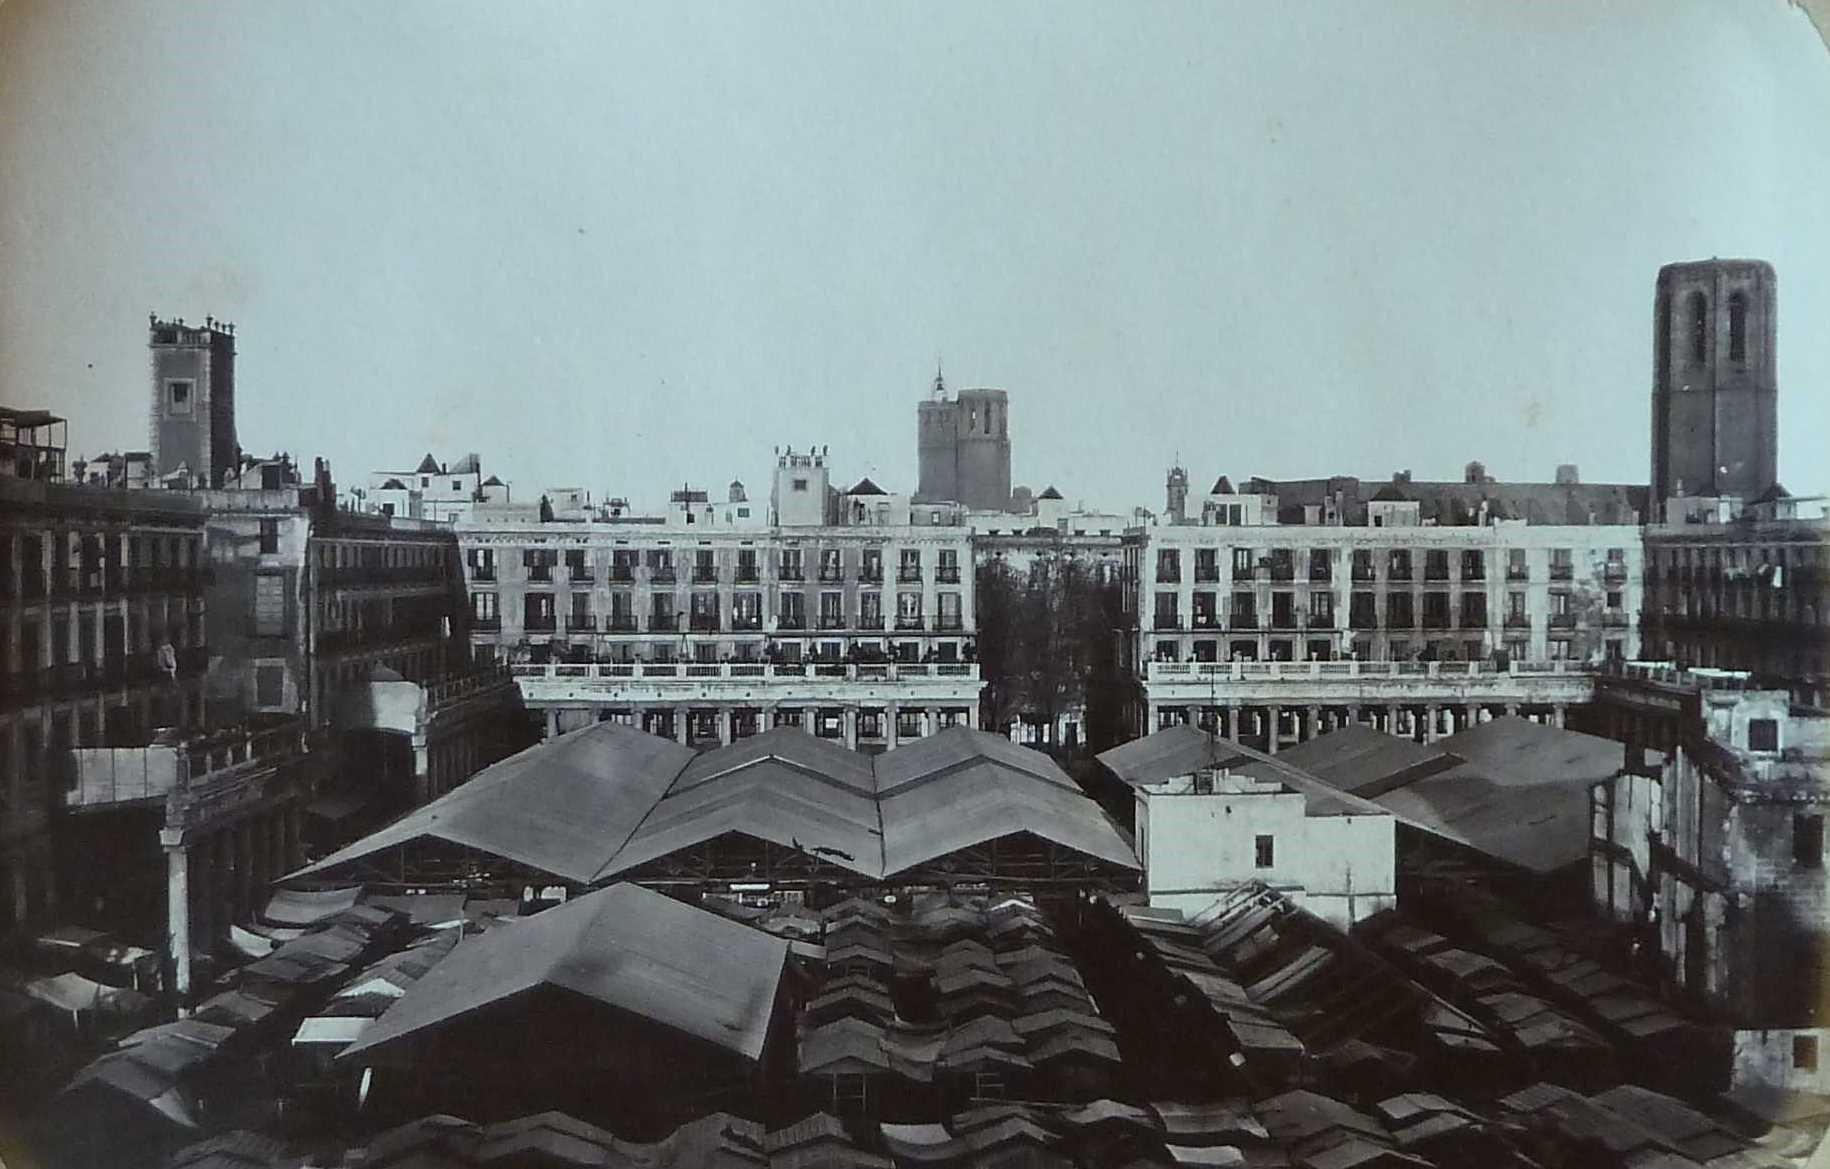 Plate 9. The Sant Josep Market, known as 'La Boqueria'